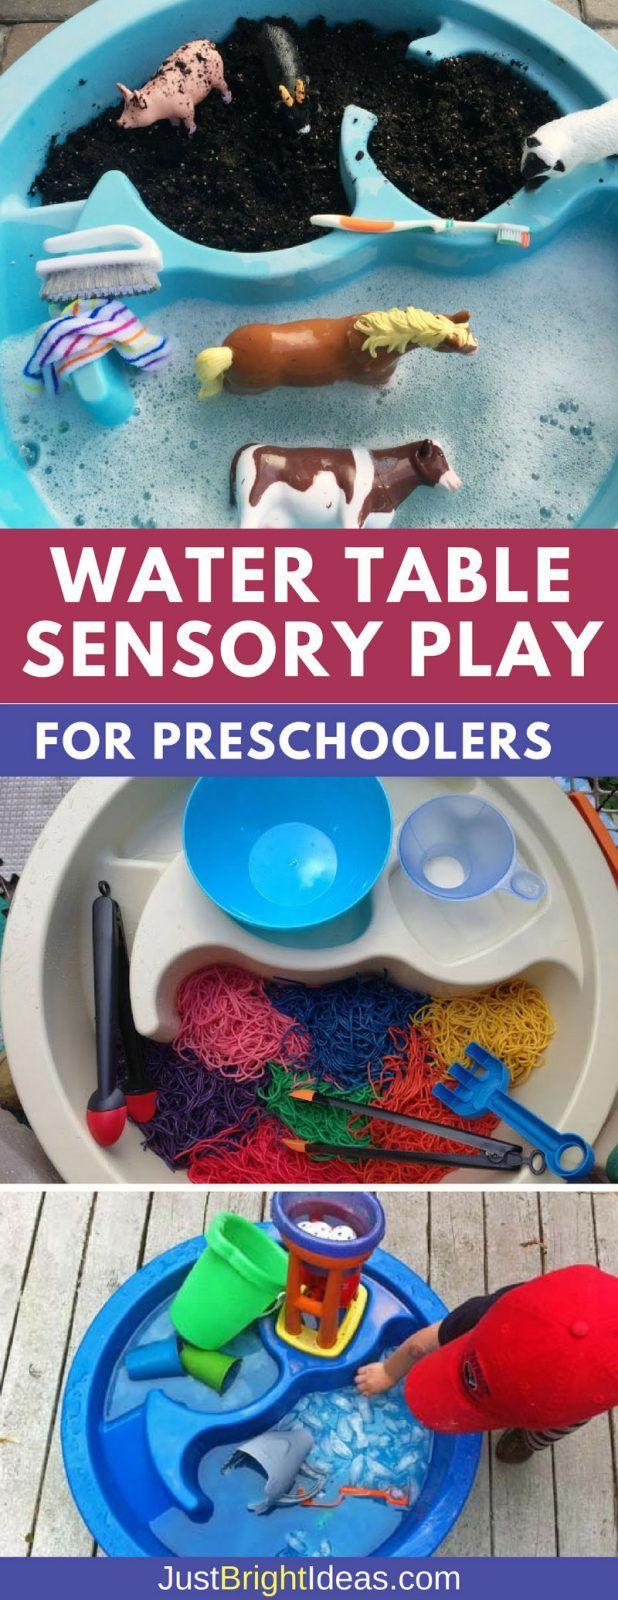 12 Sensory Water Table Activities for Preschoolers to Enjoy